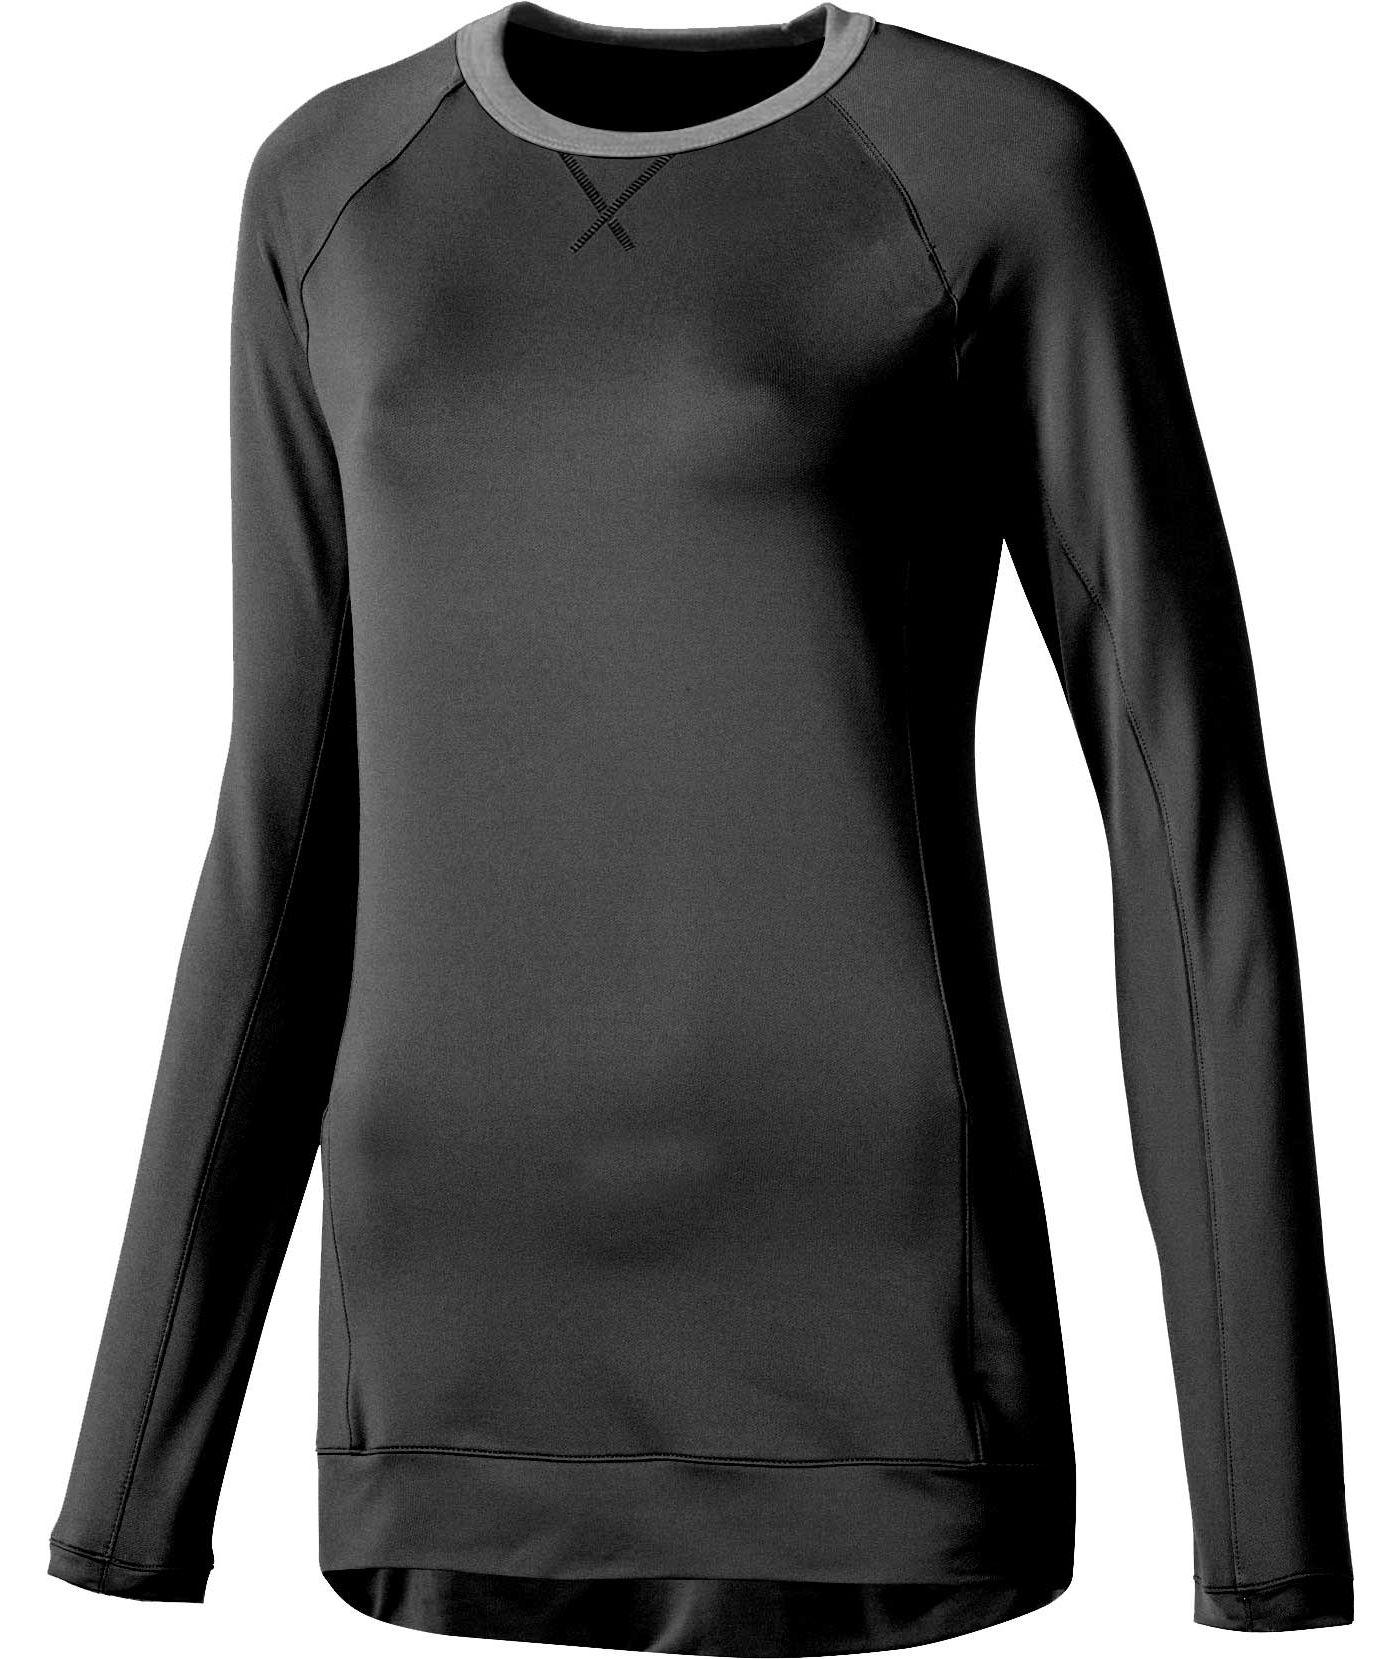 PUMA Women's Tech Crew Golf Shirt